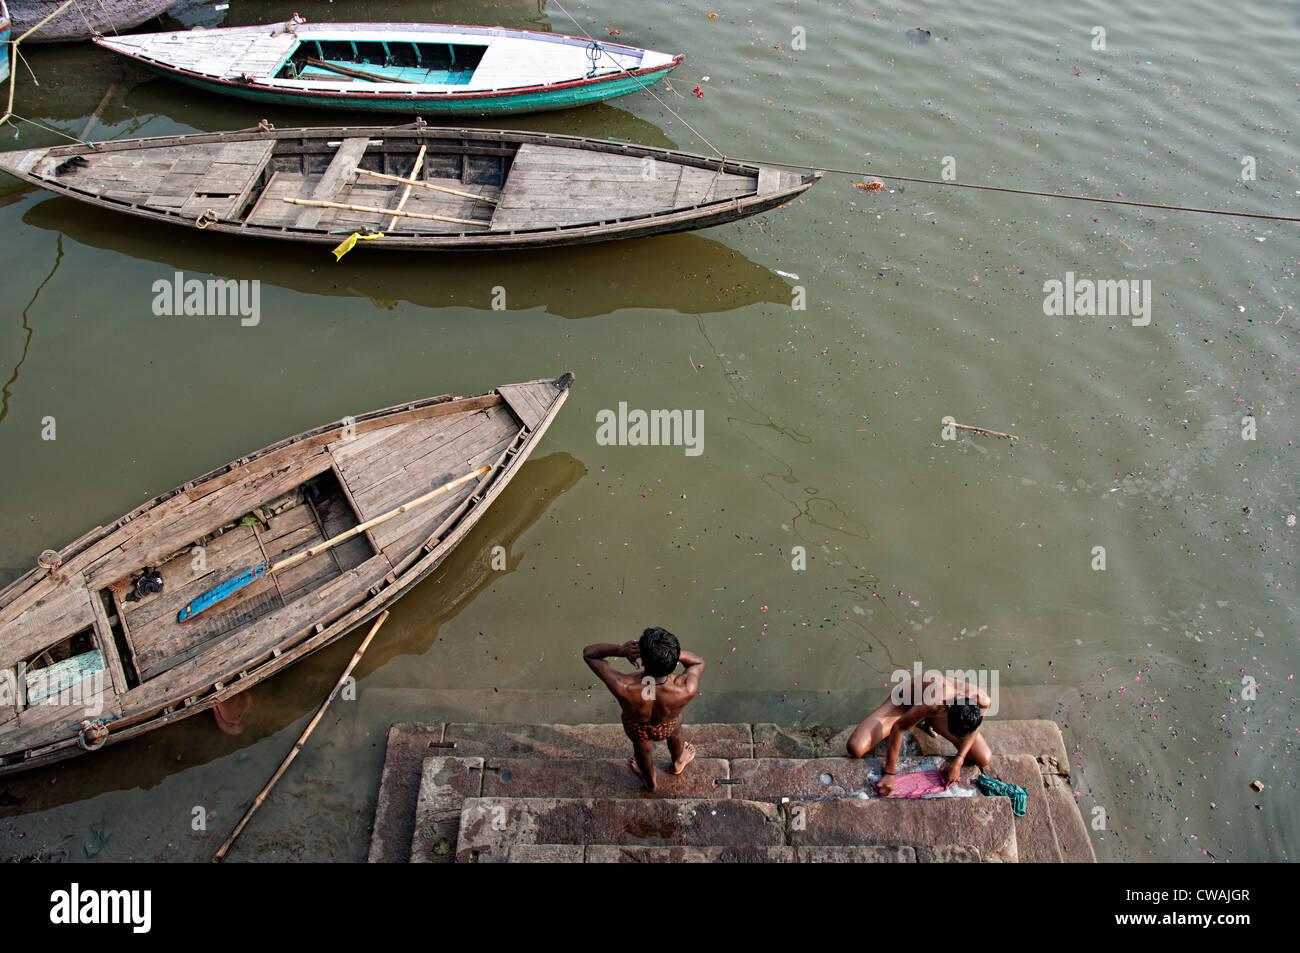 Giovani uomini la balneazione e di lavaggio nel ghats del fiume Gange. Varanasi, India Foto Stock